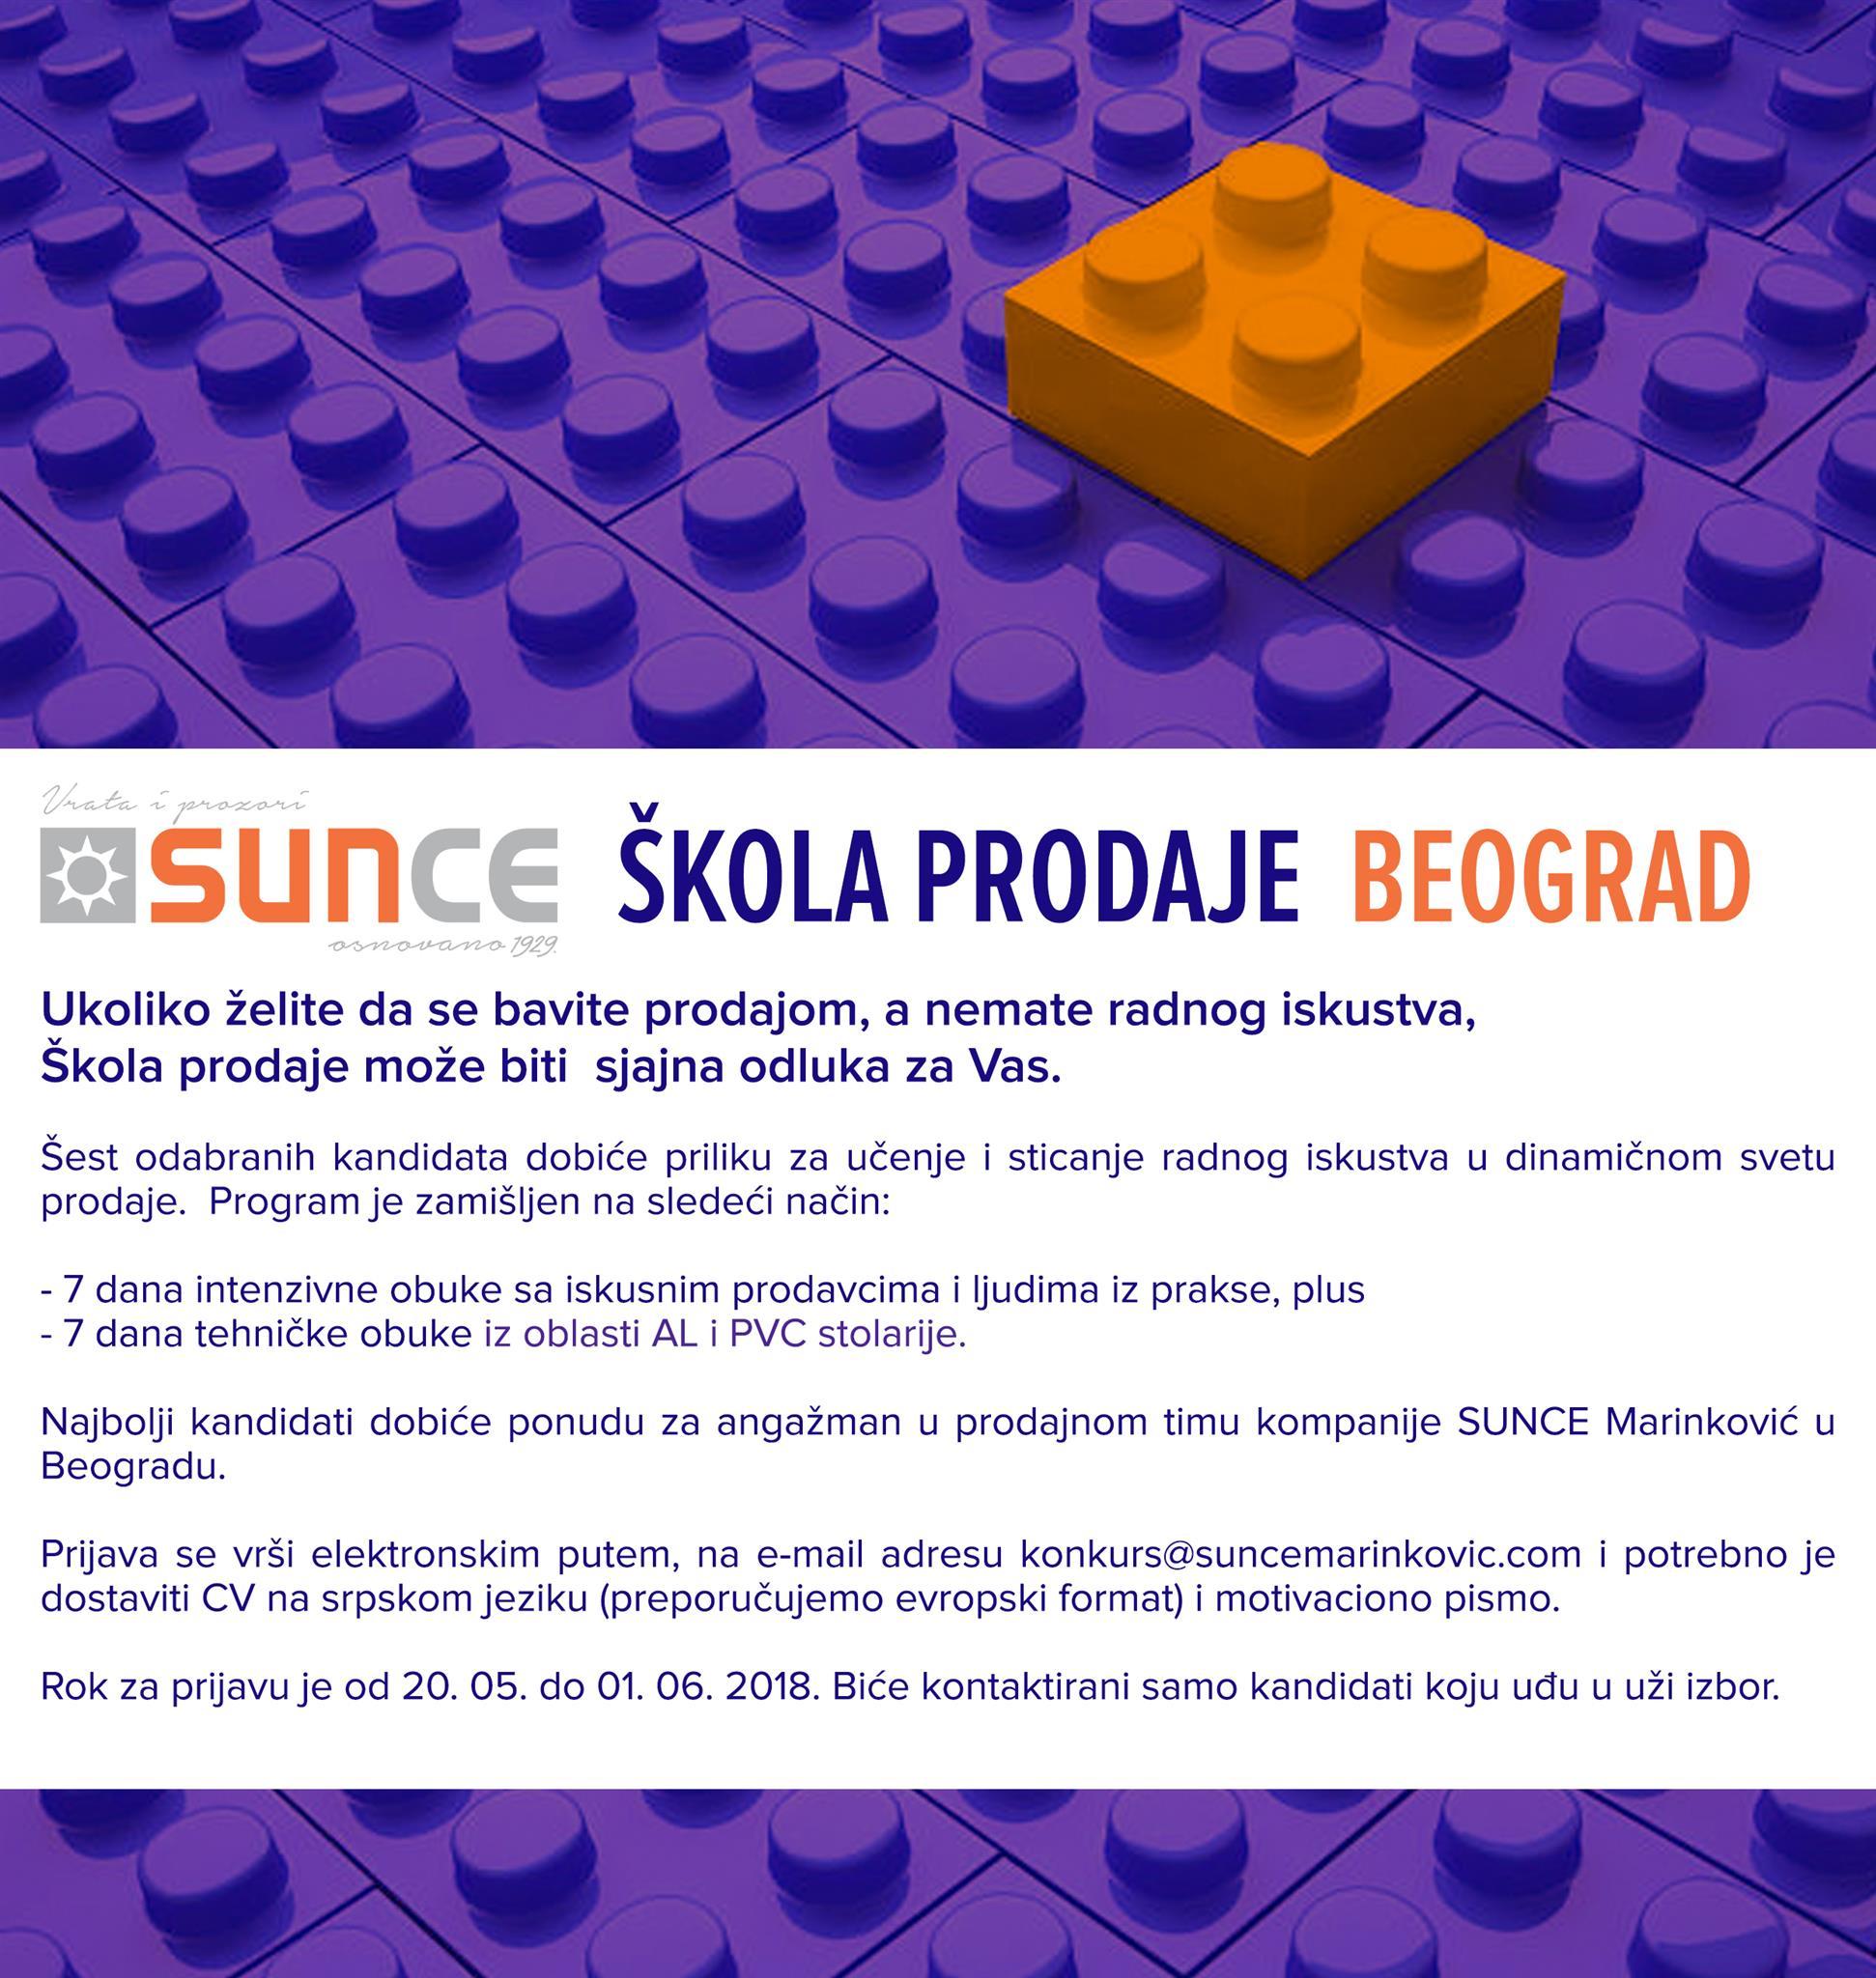 SUNCE skola prodaje